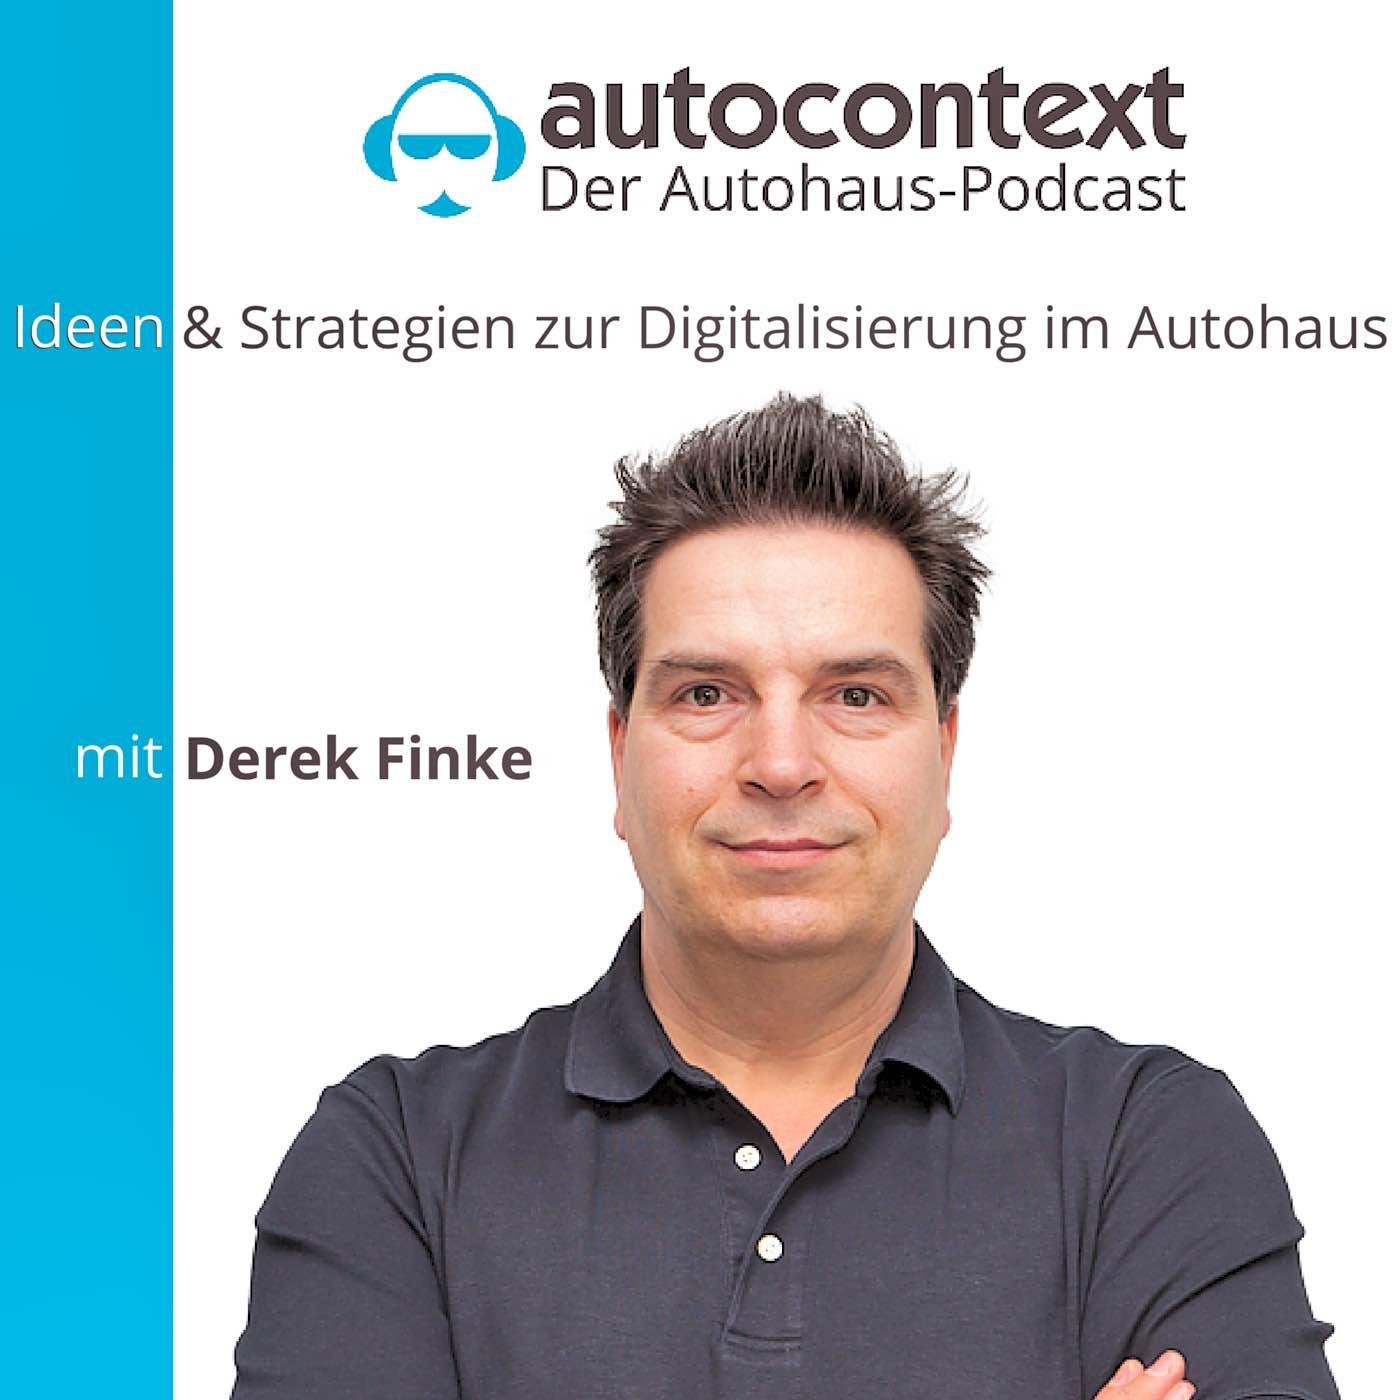 autocontext - Der Autohaus-Podcast